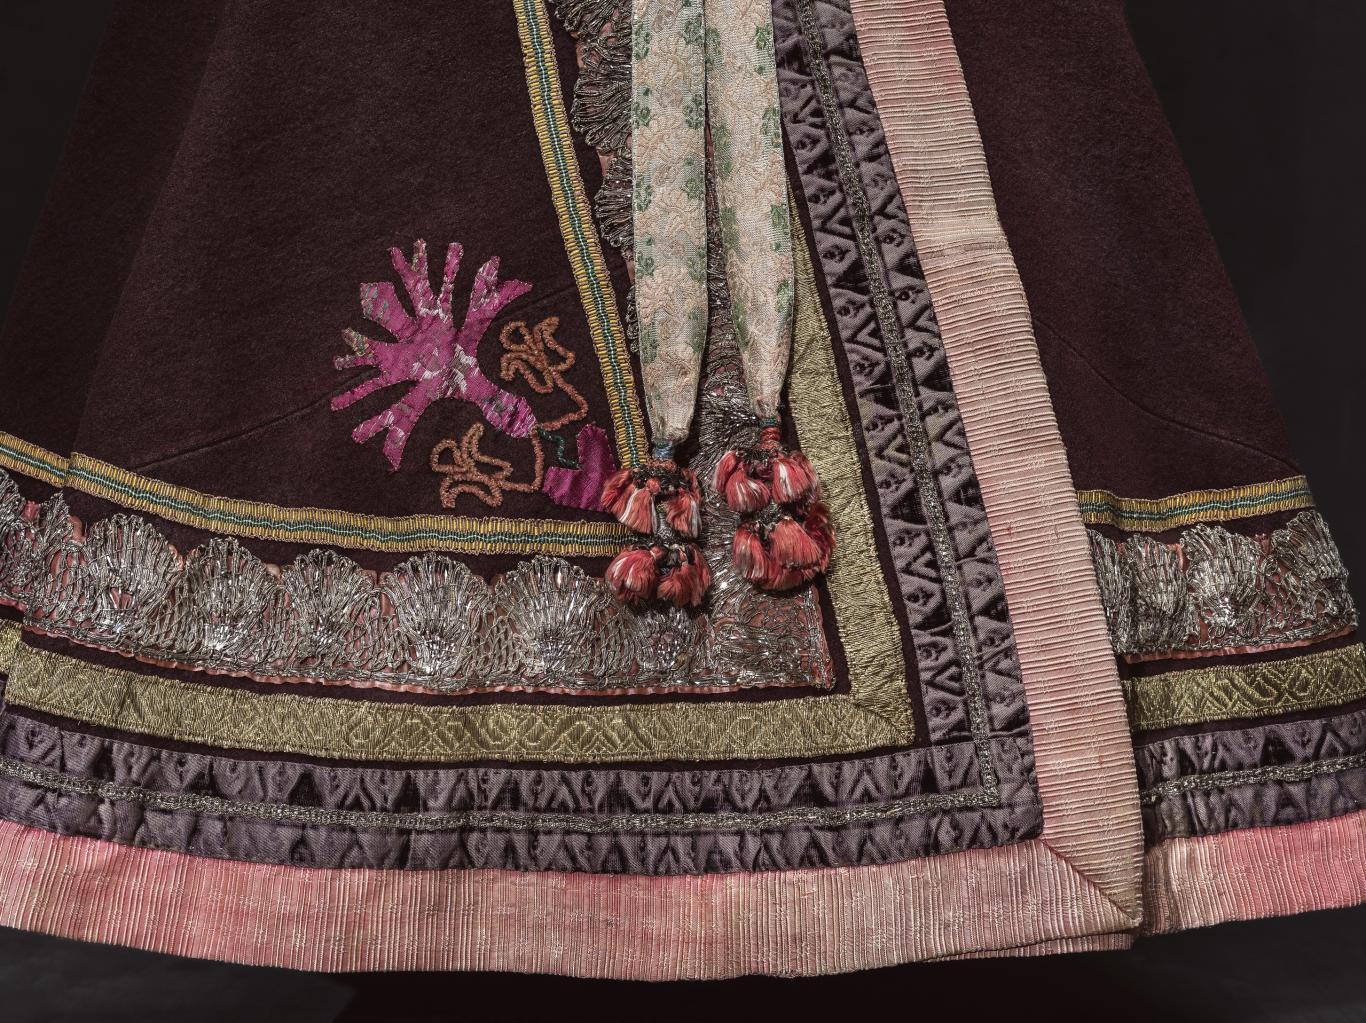 Detalle de un vestido regional de mujer en el que se ve parte de la falda y mandiles bordados y con aplicaciones vegetales y florales